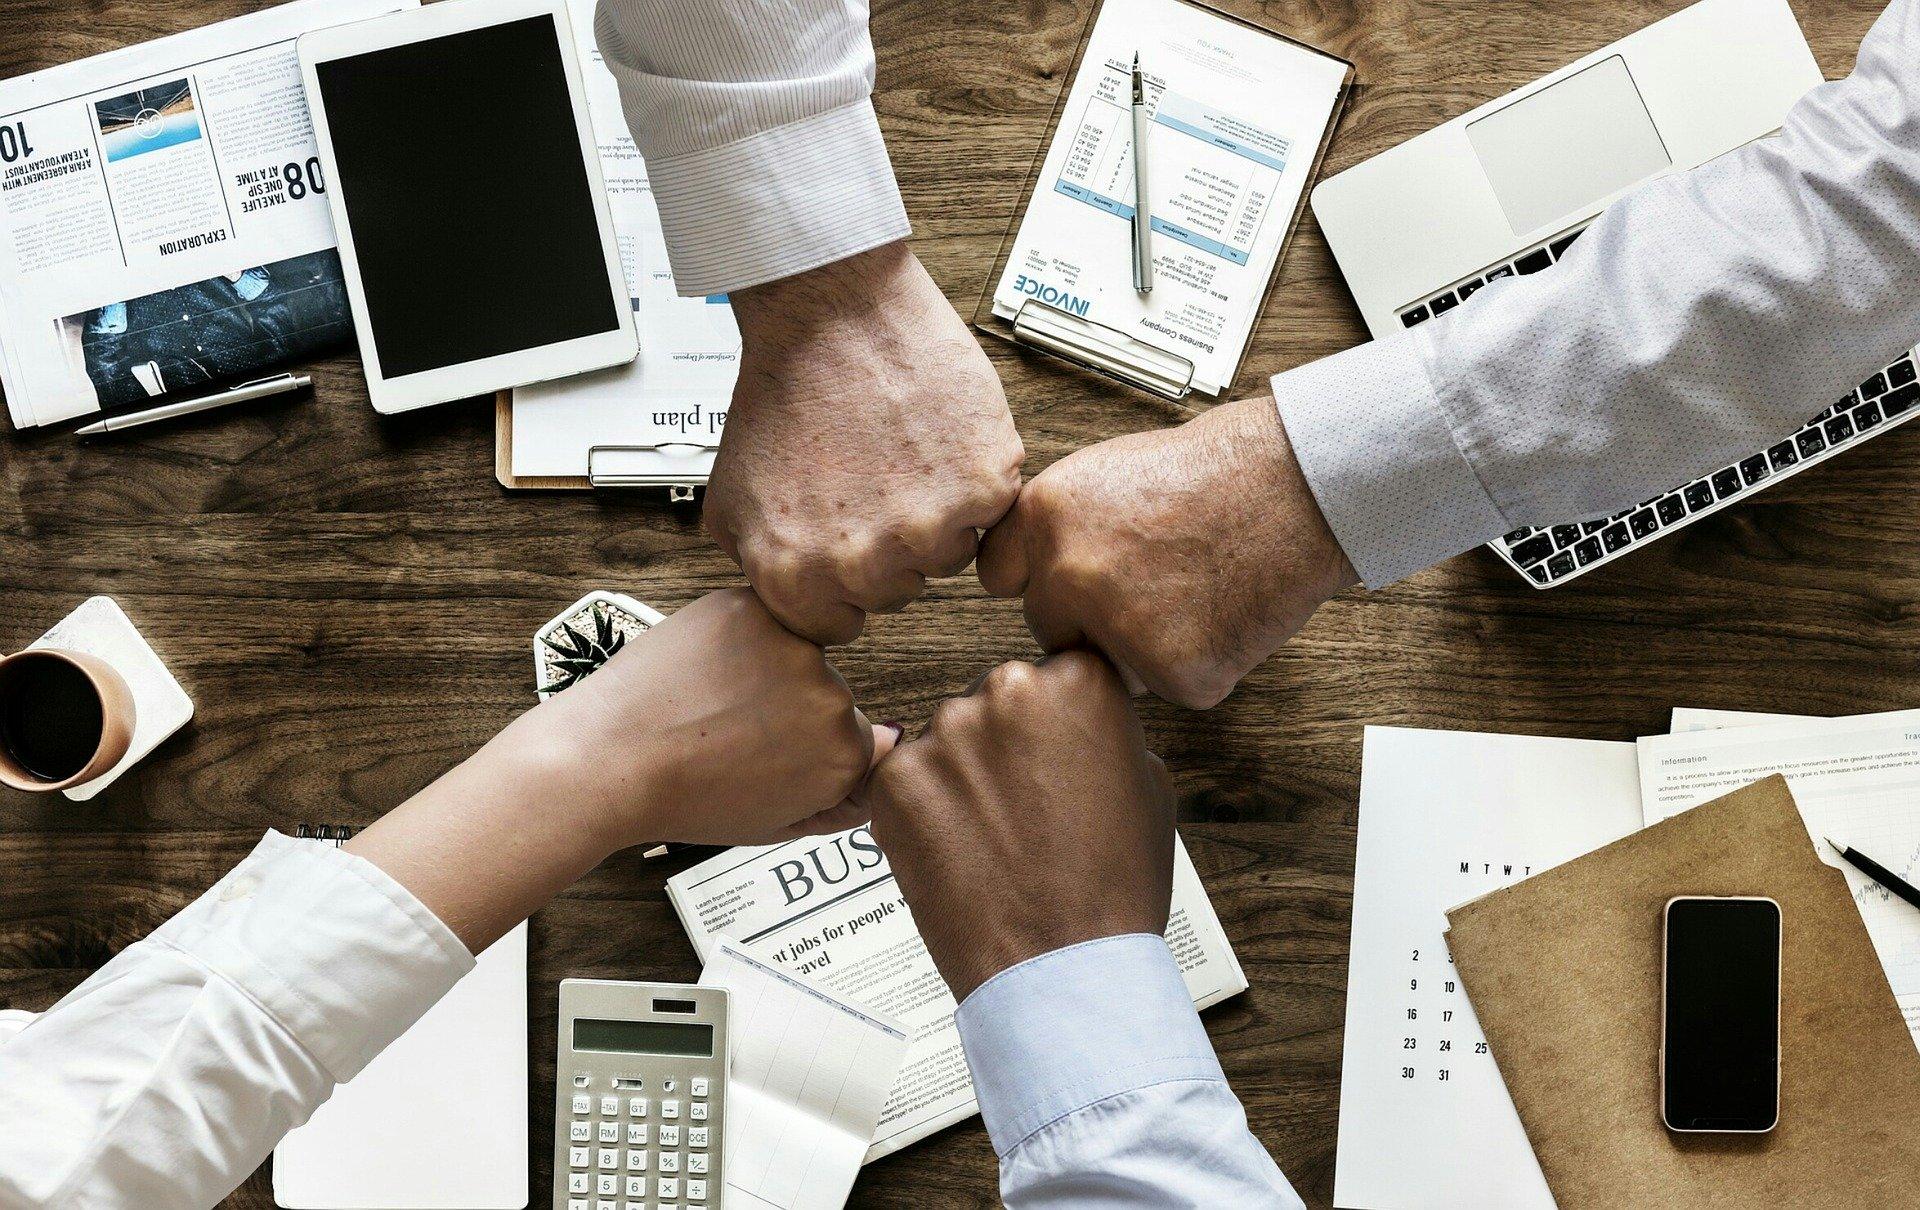 Unser Versprechen an unsere Kunden und Partner: Qualität und Nachhaltigkeit bei Warehousing1